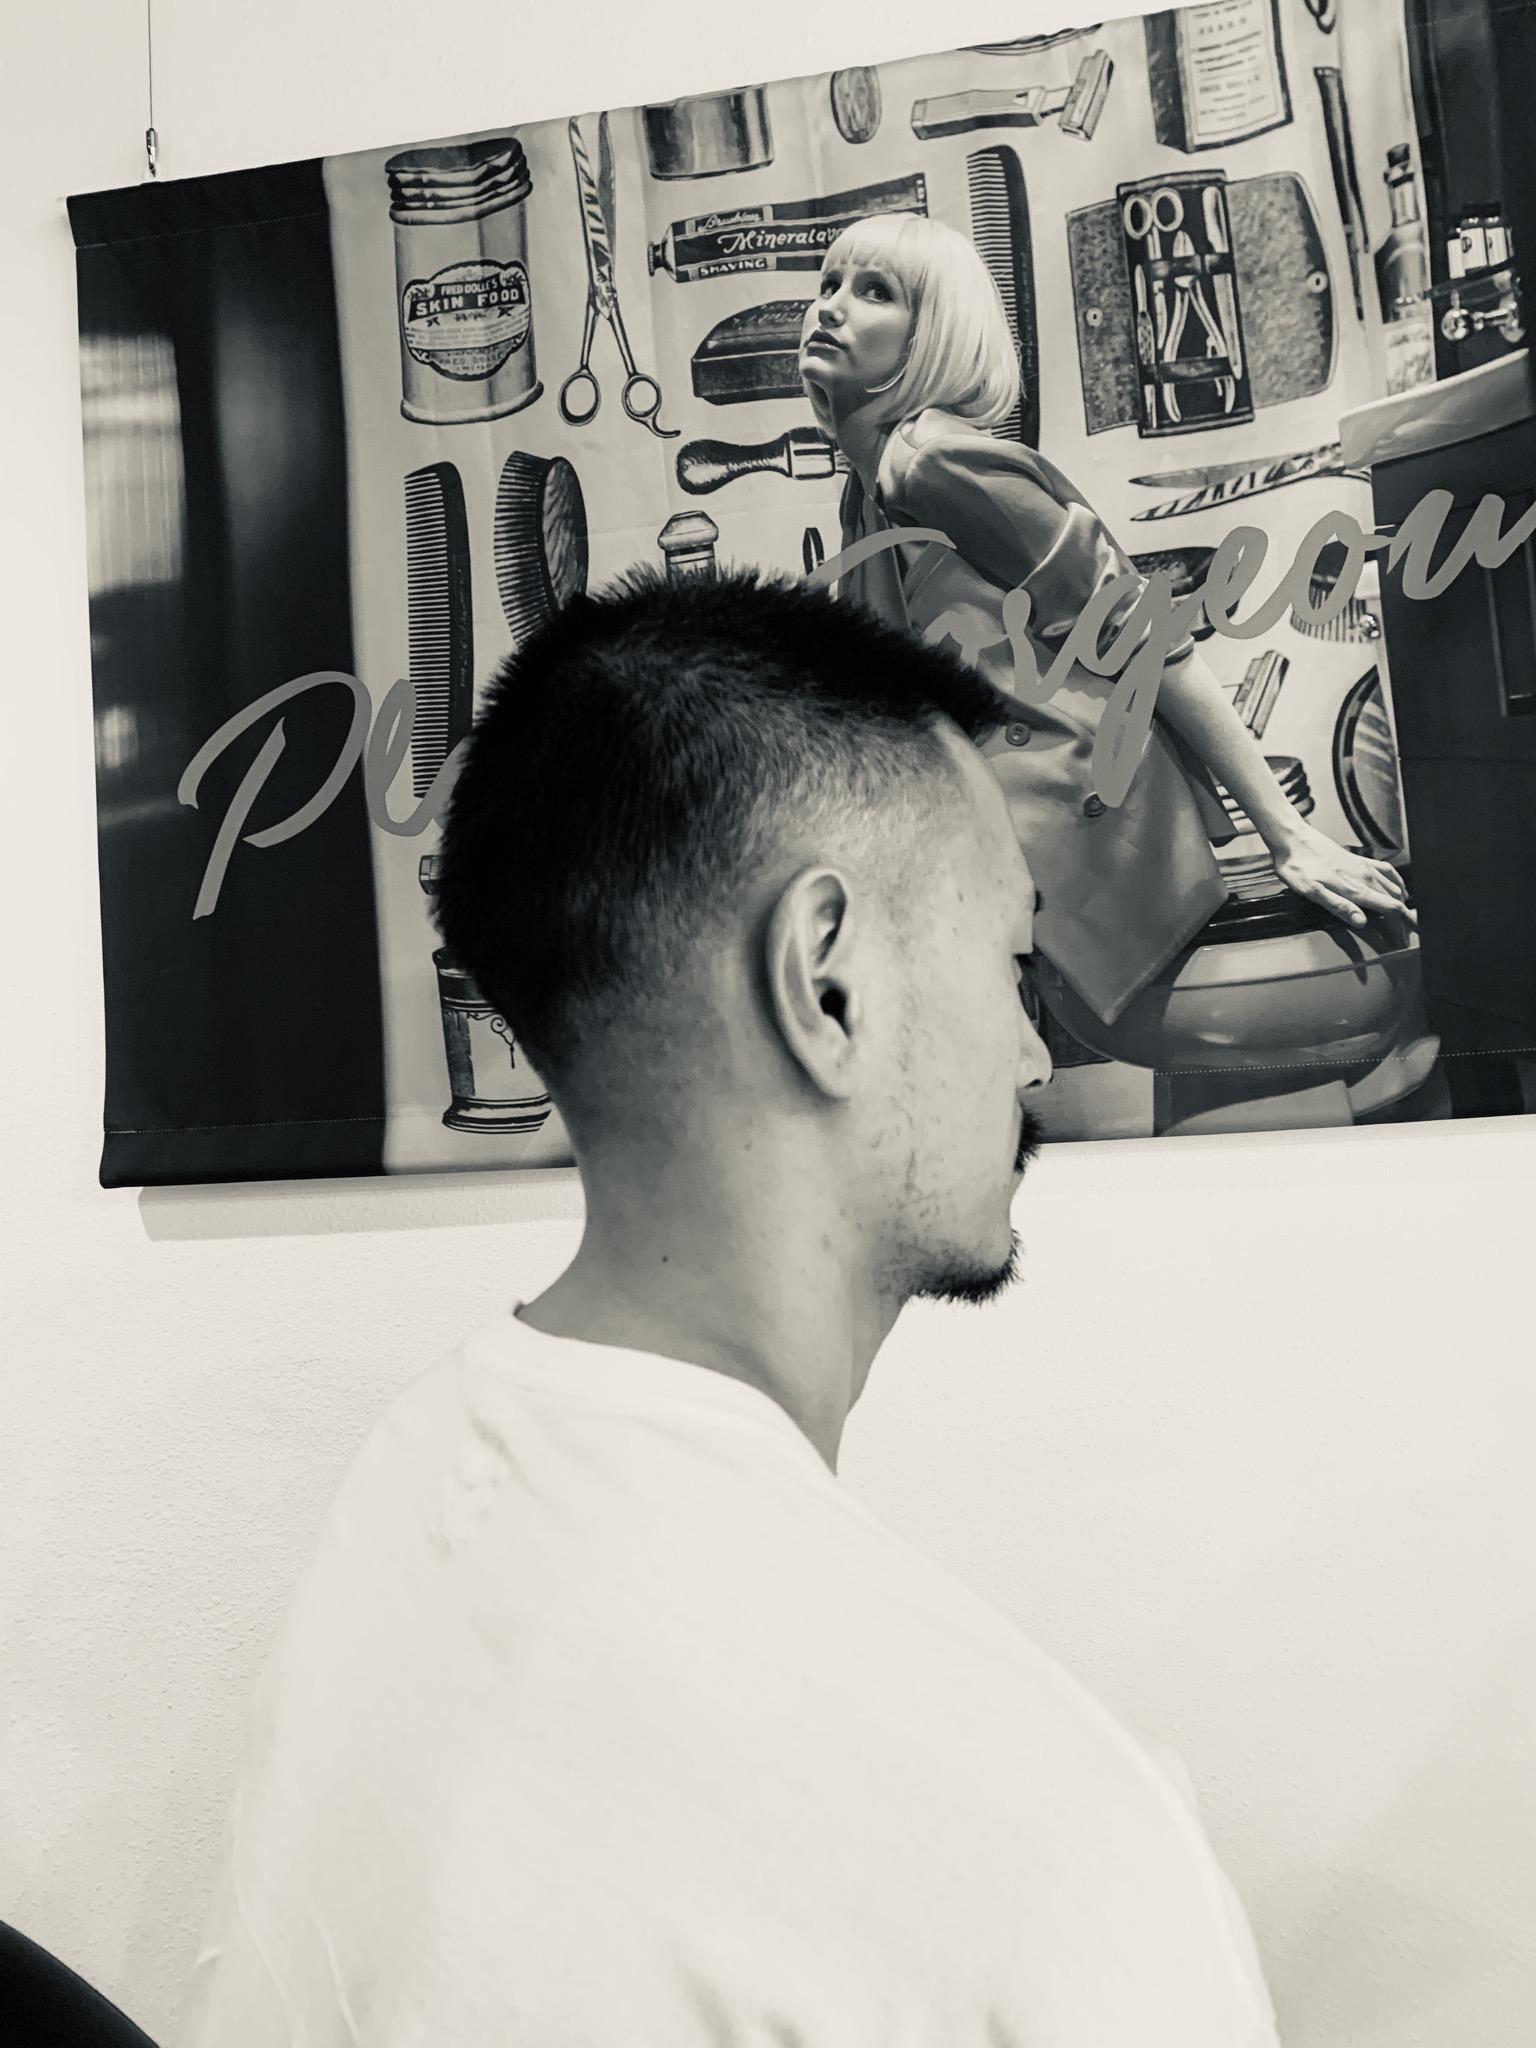 髪の毛切ってもらいました♪